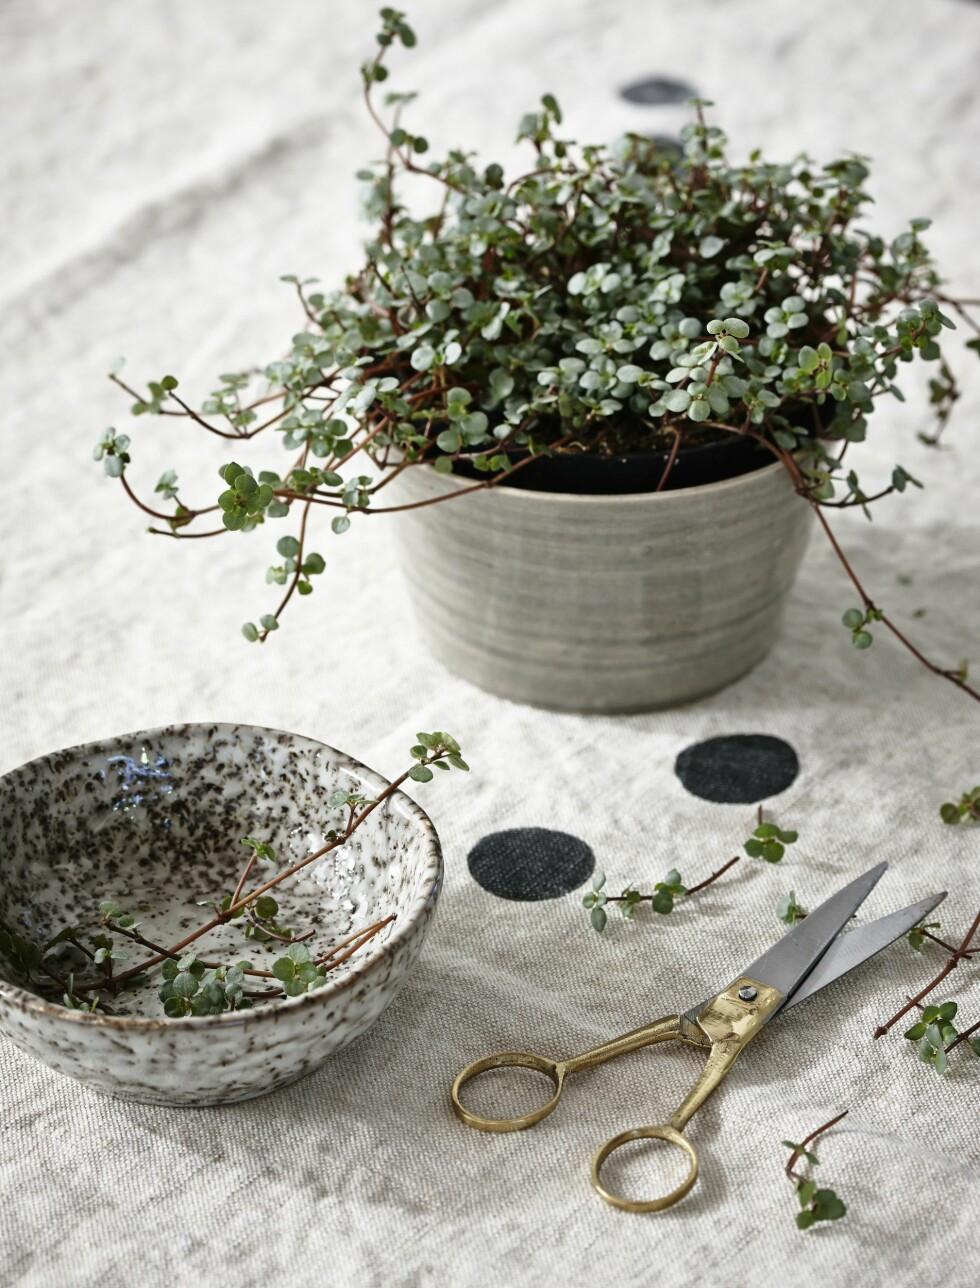 <strong>KLIPP DET OPP:</strong> Spre planten utover hele bordet ved å legge det opp på denne måten.  Foto: Per Gunnarson